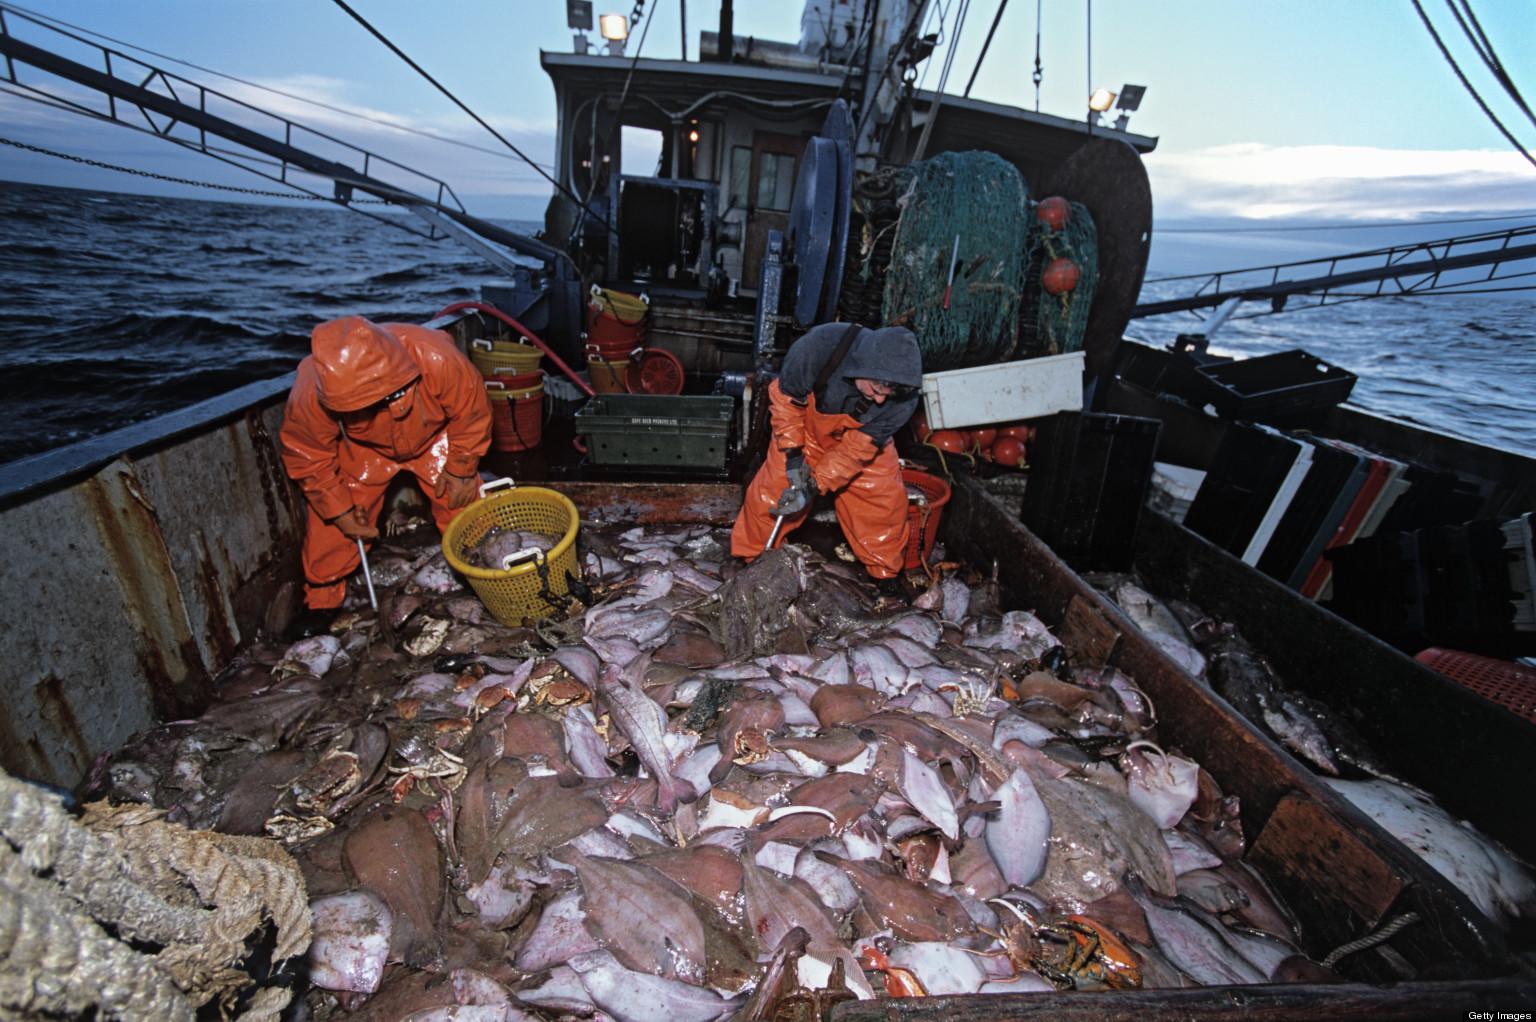 промышленная рыбная ловля  на океане